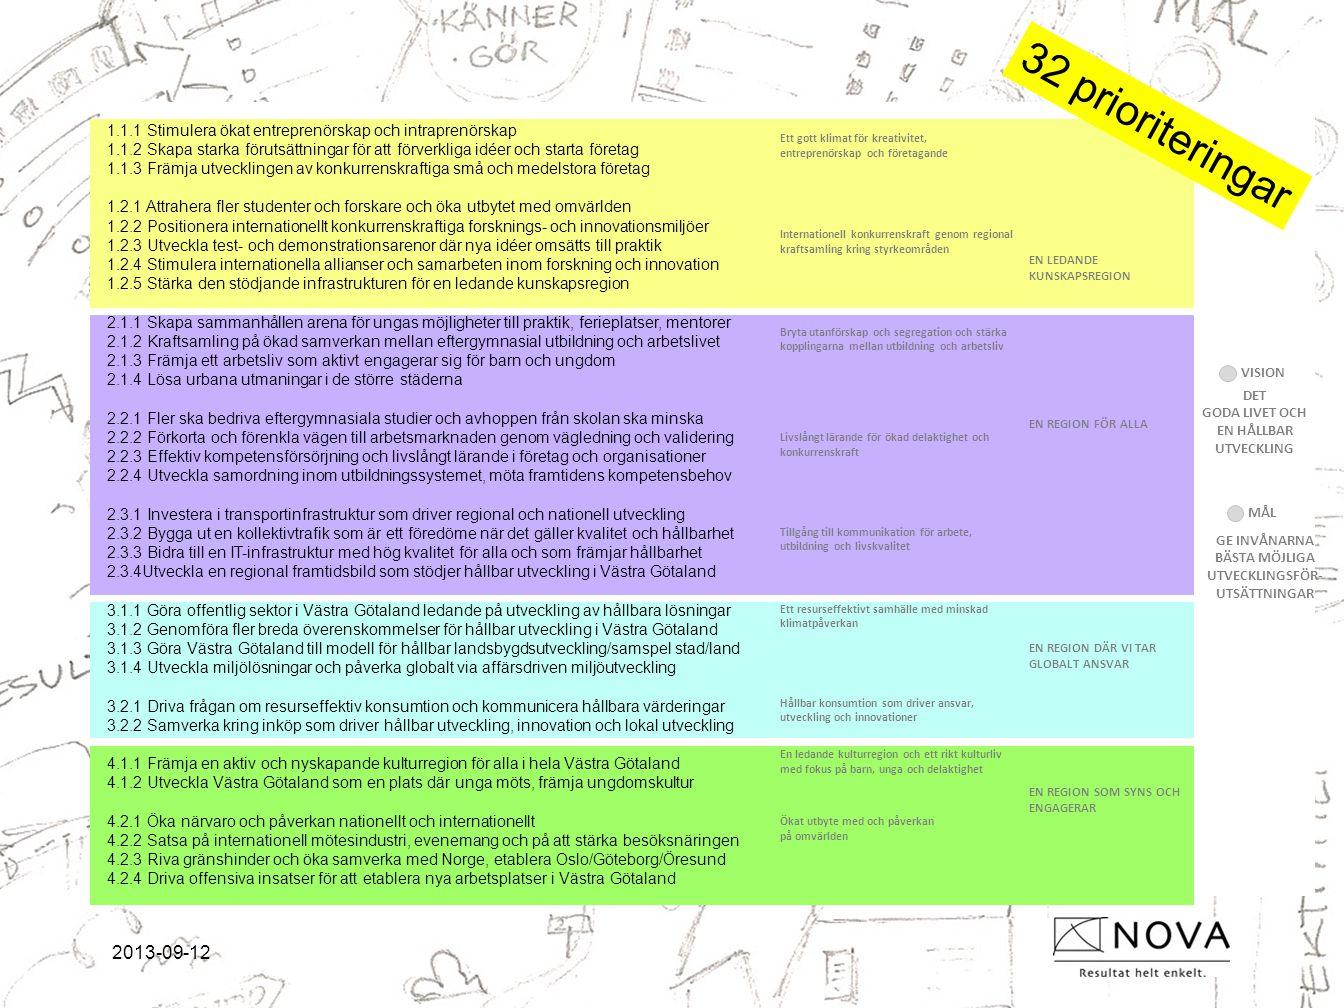 2013-09-12 1.1.1 Stimulera ökat entreprenörskap och intraprenörskap 1.1.2 Skapa starka förutsättningar för att förverkliga idéer och starta företag 1.1.3 Främja utvecklingen av konkurrenskraftiga små och medelstora företag 1.2.1 Attrahera fler studenter och forskare och öka utbytet med omvärlden 1.2.2 Positionera internationellt konkurrenskraftiga forsknings- och innovationsmiljöer 1.2.3 Utveckla test- och demonstrationsarenor där nya idéer omsätts till praktik 1.2.4 Stimulera internationella allianser och samarbeten inom forskning och innovation 1.2.5 Stärka den stödjande infrastrukturen för en ledande kunskapsregion 2.1.1 Skapa sammanhållen arena för ungas möjligheter till praktik, ferieplatser, mentorer 2.1.2 Kraftsamling på ökad samverkan mellan eftergymnasial utbildning och arbetslivet 2.1.3 Främja ett arbetsliv som aktivt engagerar sig för barn och ungdom 2.1.4 Lösa urbana utmaningar i de större städerna 2.2.1 Fler ska bedriva eftergymnasiala studier och avhoppen från skolan ska minska 2.2.2 Förkorta och förenkla vägen till arbetsmarknaden genom vägledning och validering 2.2.3 Effektiv kompetensförsörjning och livslångt lärande i företag och organisationer 2.2.4 Utveckla samordning inom utbildningssystemet, möta framtidens kompetensbehov 2.3.1 Investera i transportinfrastruktur som driver regional och nationell utveckling 2.3.2 Bygga ut en kollektivtrafik som är ett föredöme när det gäller kvalitet och hållbarhet 2.3.3 Bidra till en IT-infrastruktur med hög kvalitet för alla och som främjar hållbarhet 2.3.4Utveckla en regional framtidsbild som stödjer hållbar utveckling i Västra Götaland 3.1.1 Göra offentlig sektor i Västra Götaland ledande på utveckling av hållbara lösningar 3.1.2 Genomföra fler breda överenskommelser för hållbar utveckling i Västra Götaland 3.1.3 Göra Västra Götaland till modell för hållbar landsbygdsutveckling/samspel stad/land 3.1.4 Utveckla miljölösningar och påverka globalt via affärsdriven miljöutveckling 3.2.1 Driva frågan om resurseff